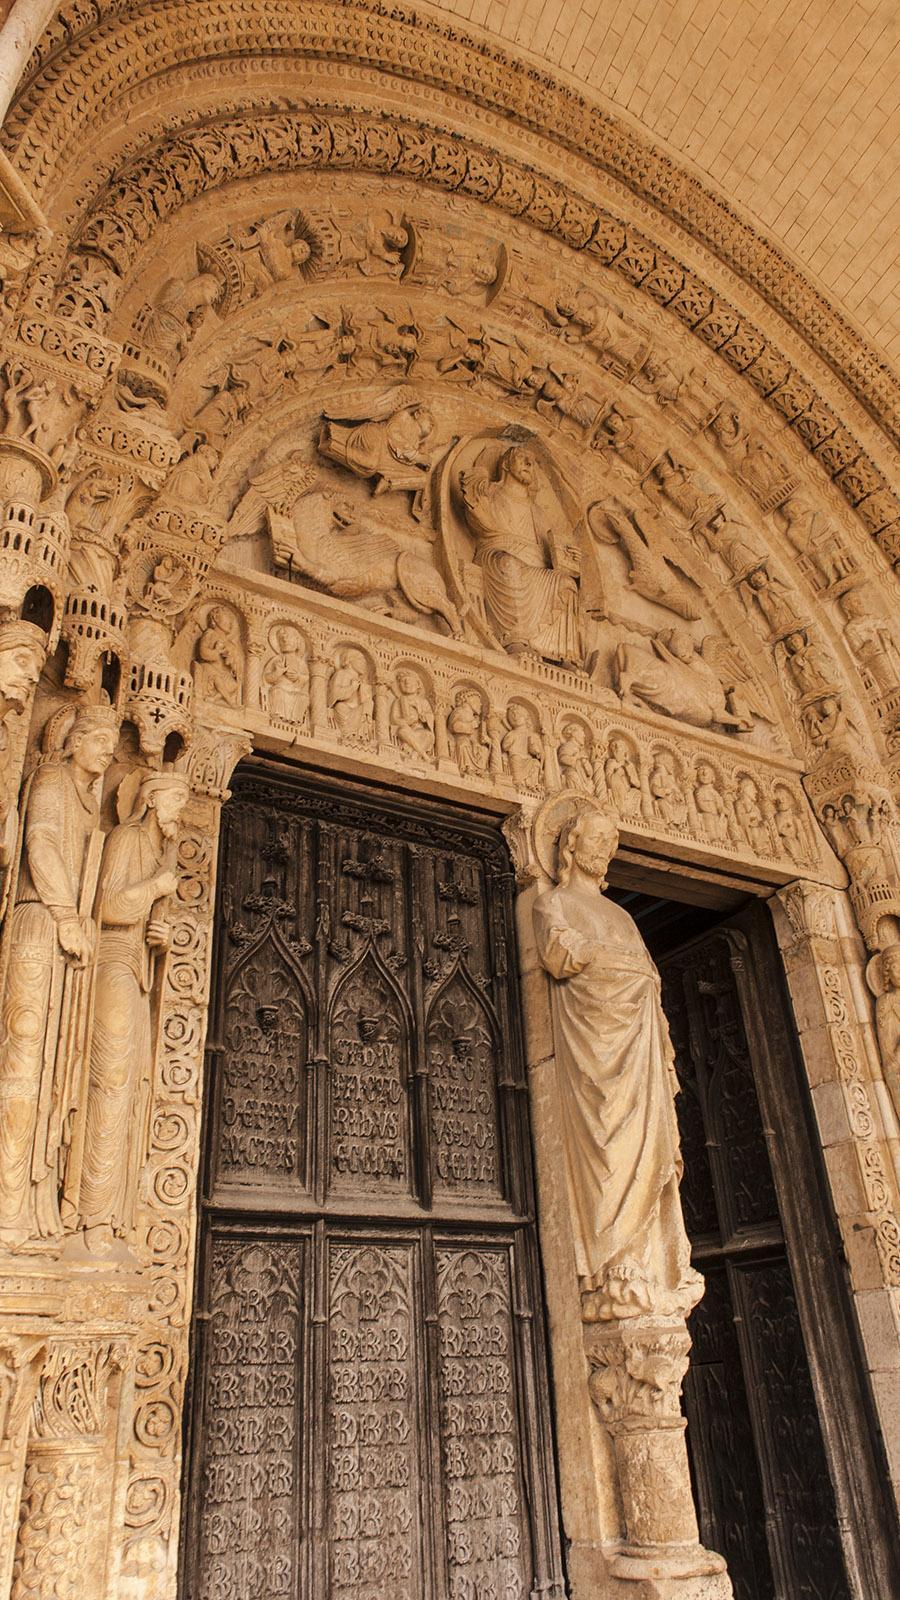 Welterbe des Berry: die Kathedrale von Bourges. Das Westportal mit Tympanon und Vogelhäuschen ist ein Meisterwerk der Steinmetzkunst. Foto: HIlke Maunder